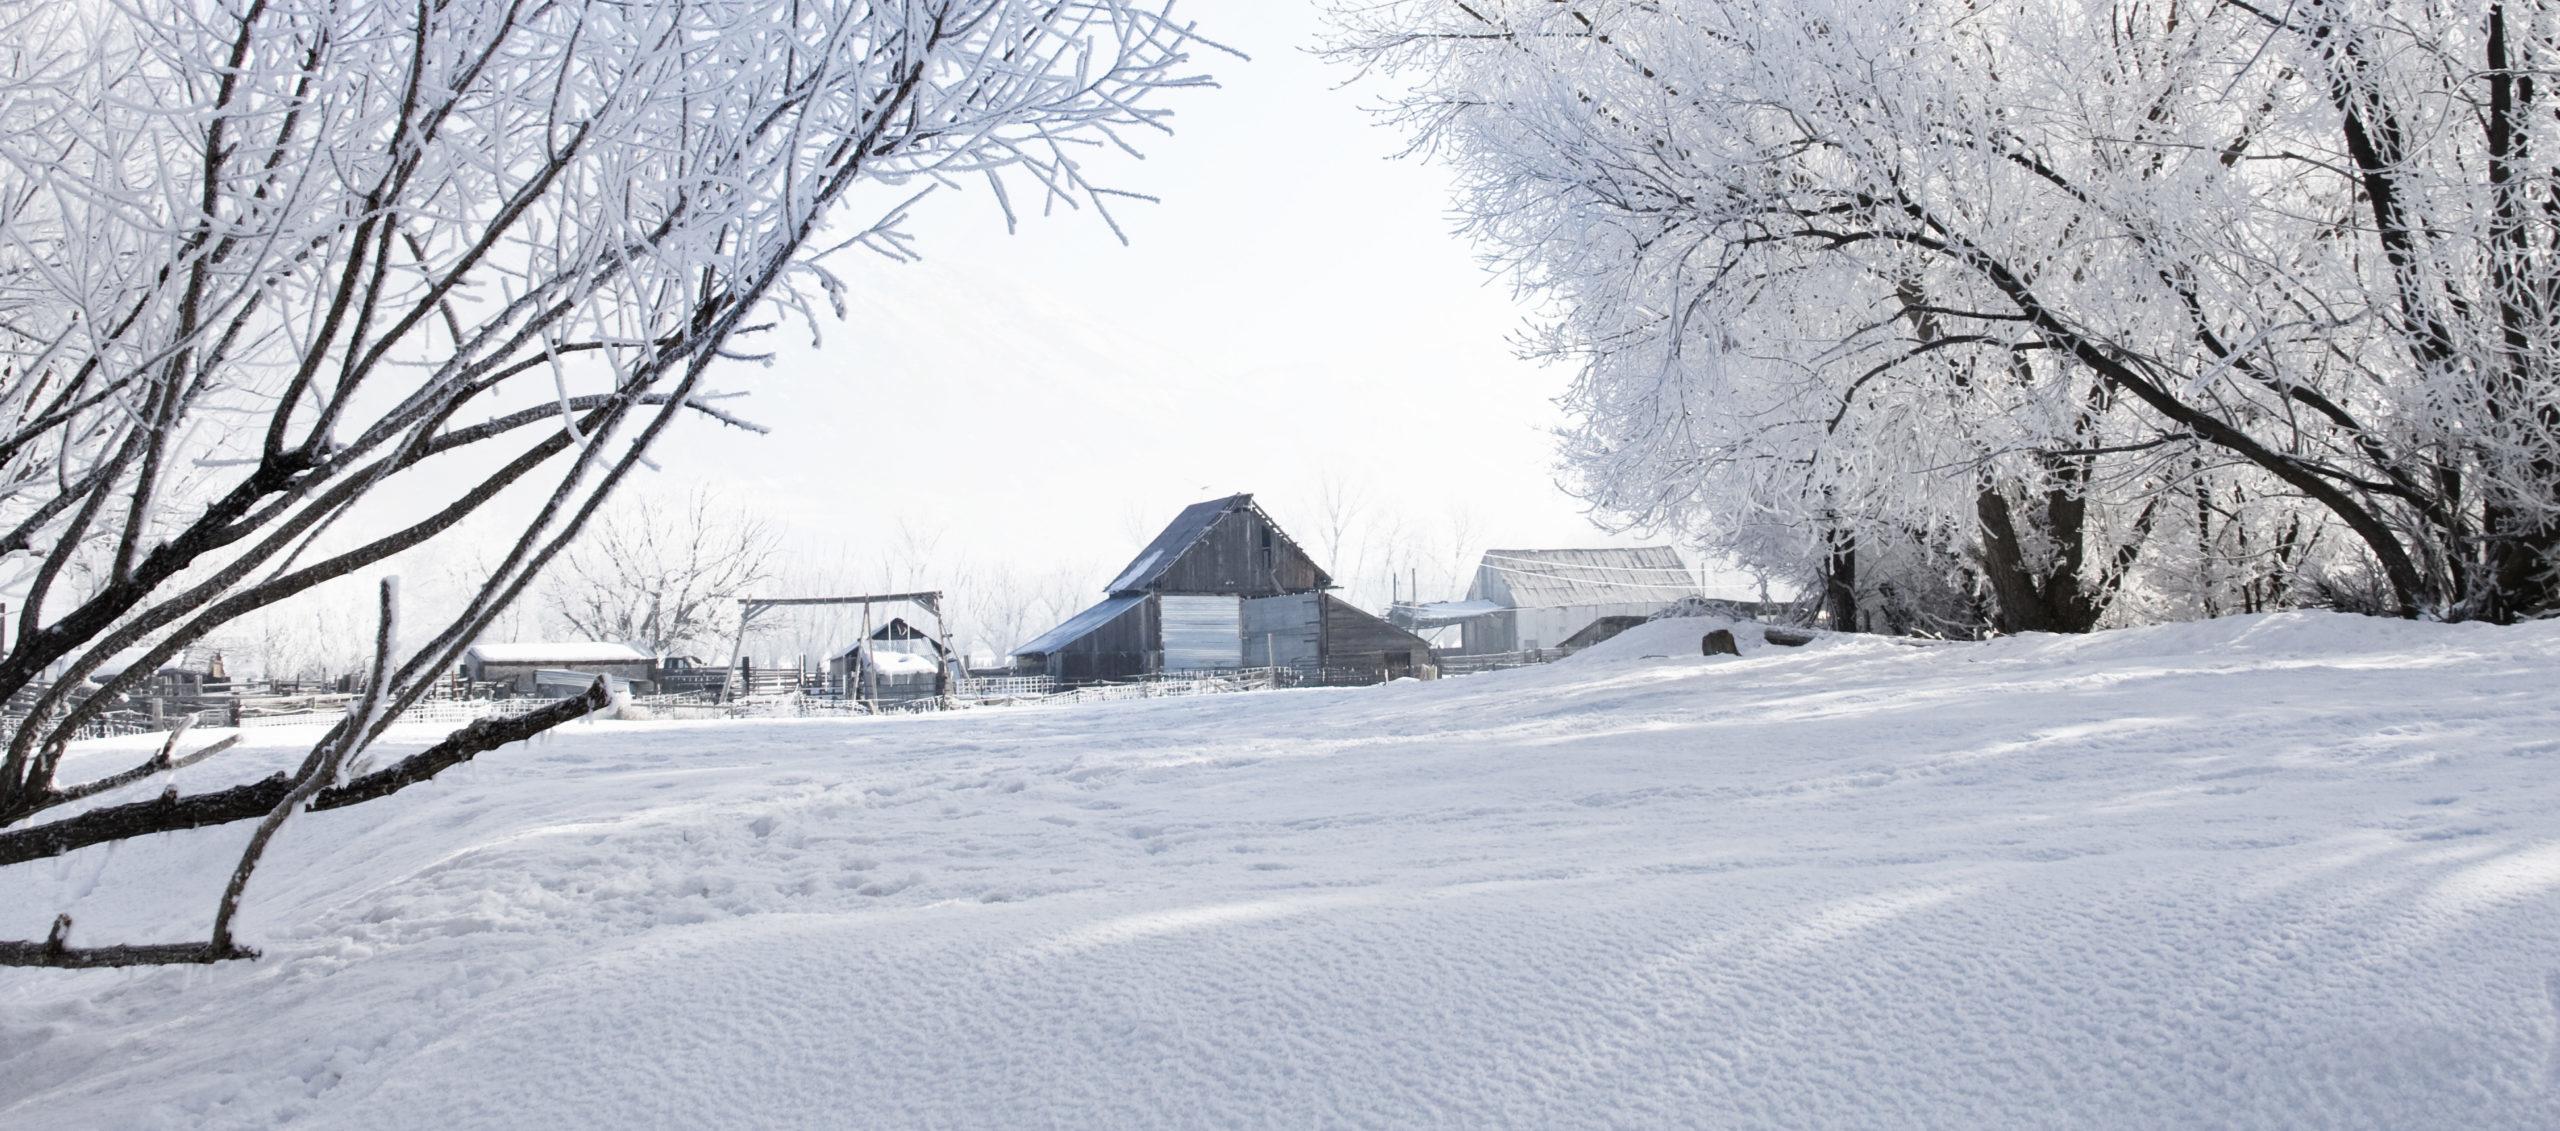 Frostig weisse Winterlandschaft, mit einem alten Schupfen in der Mitte vom Bild